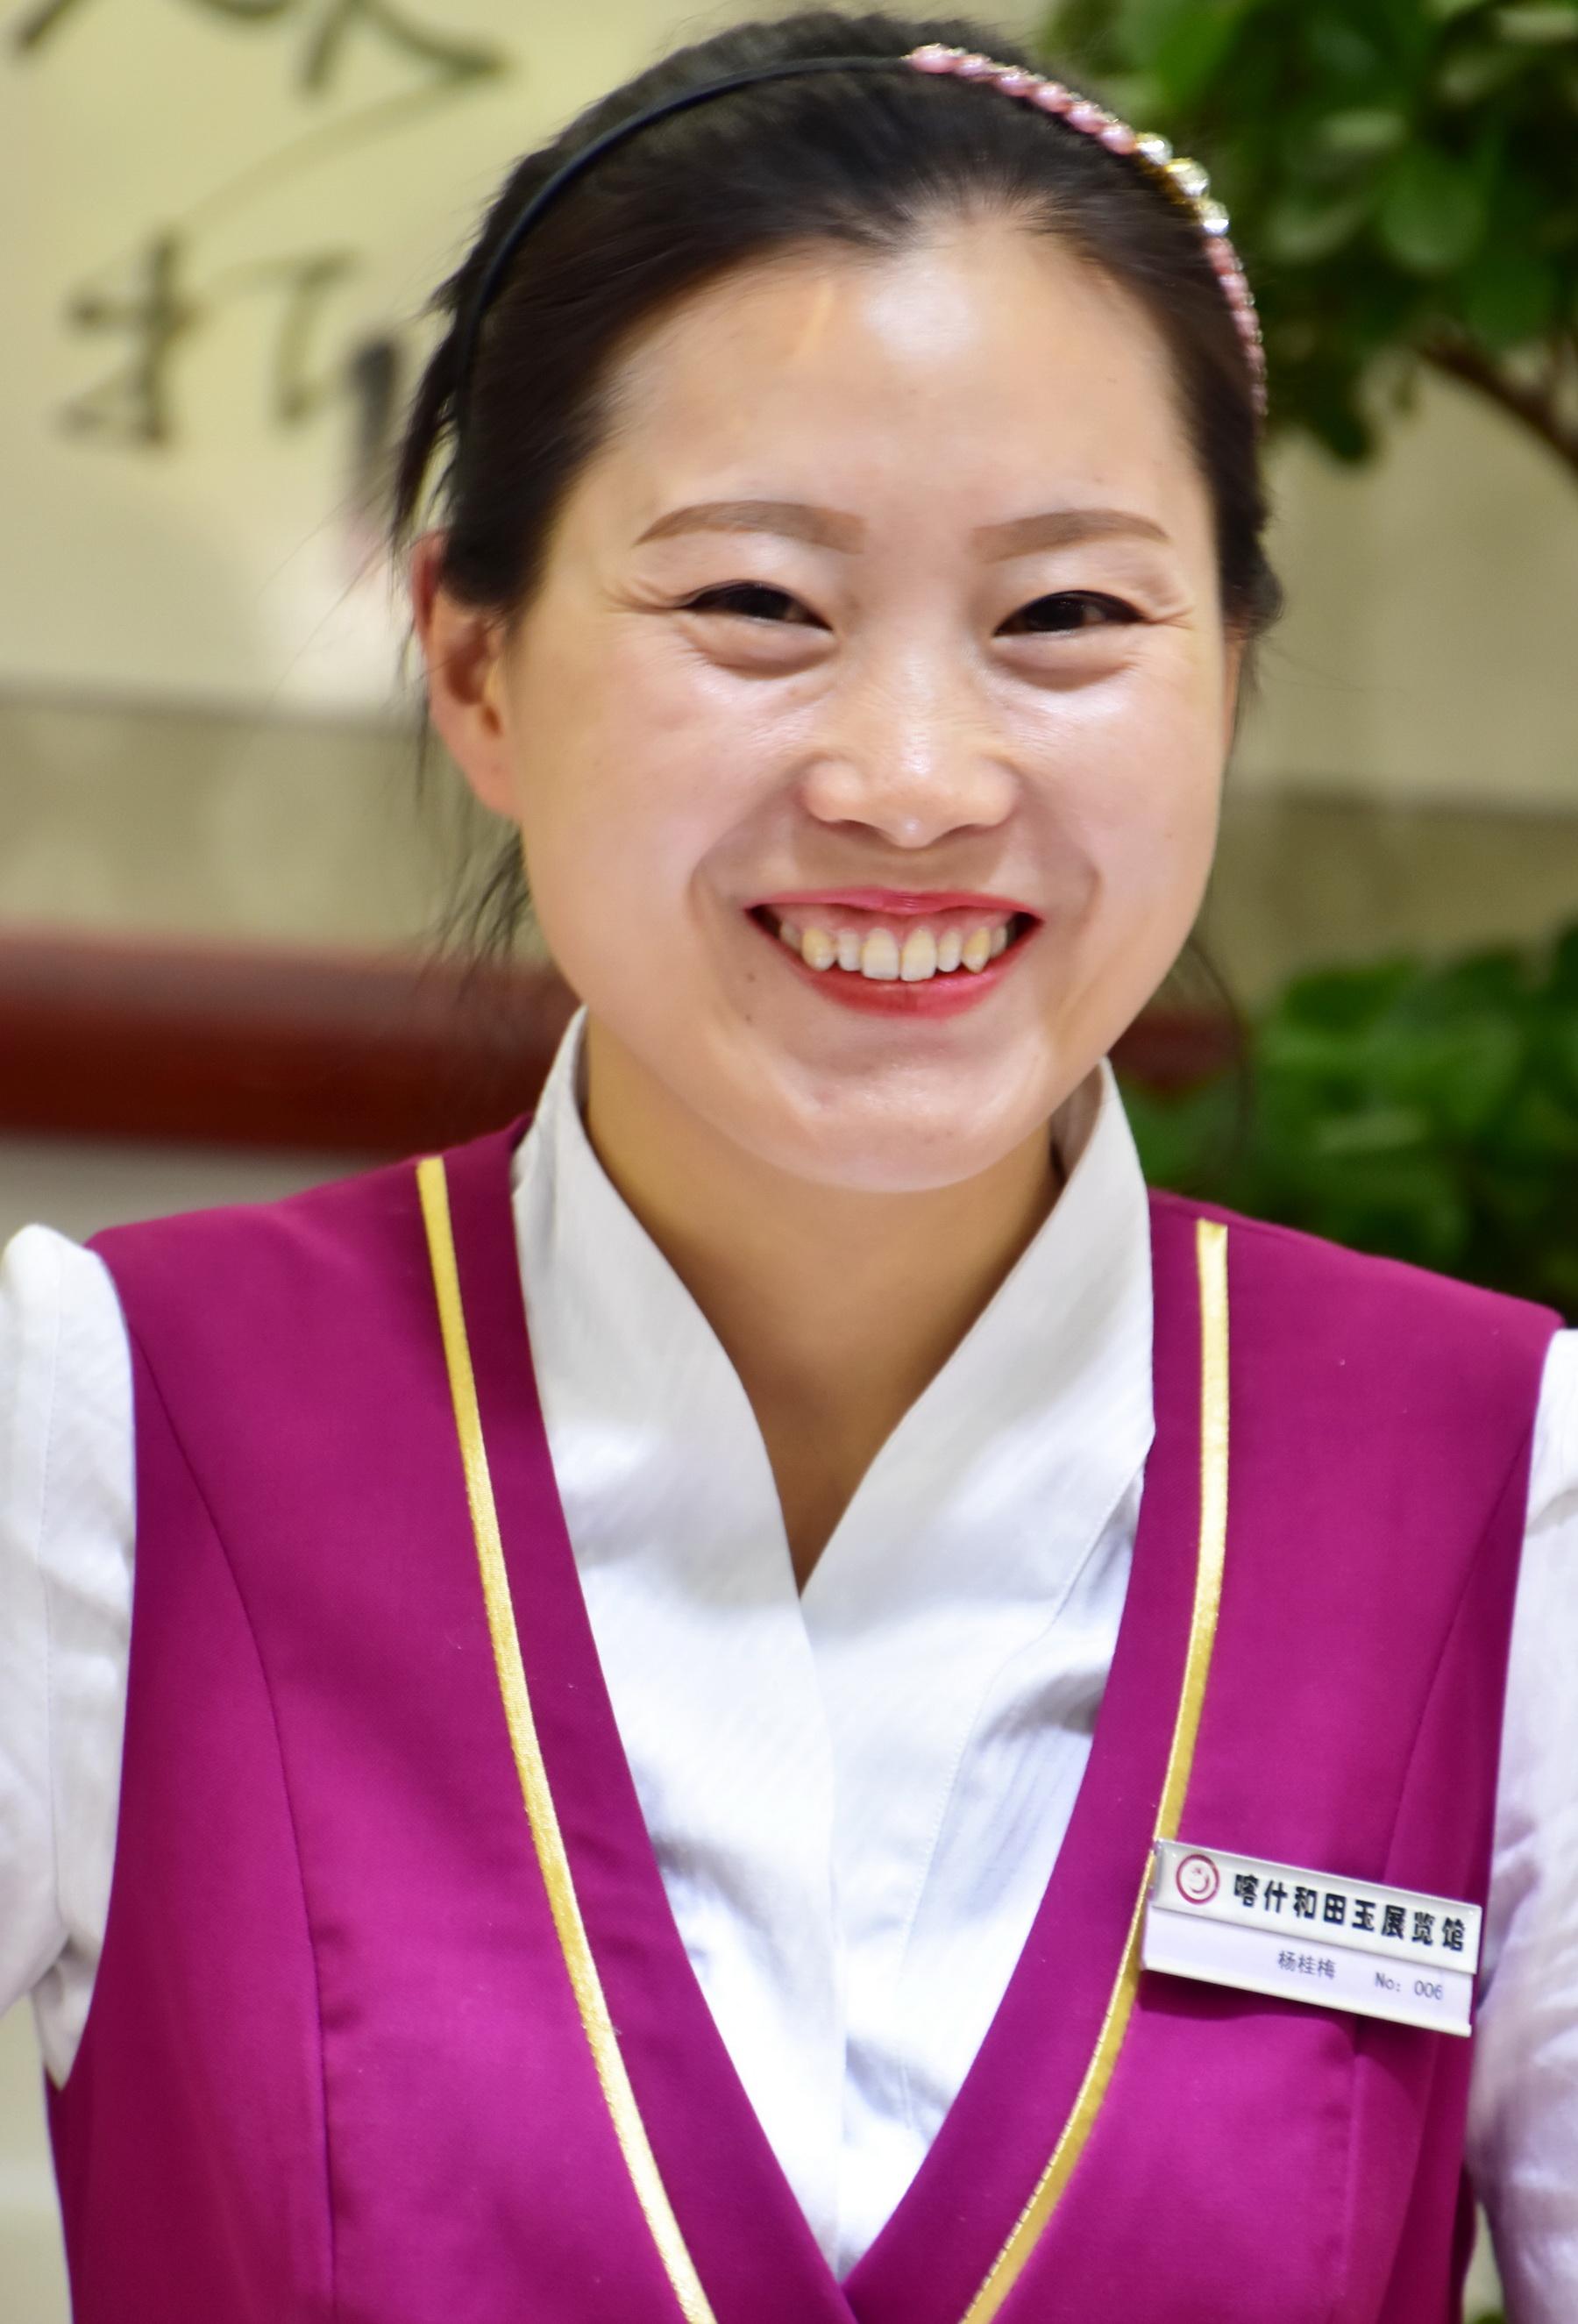 סין - יפהפייה